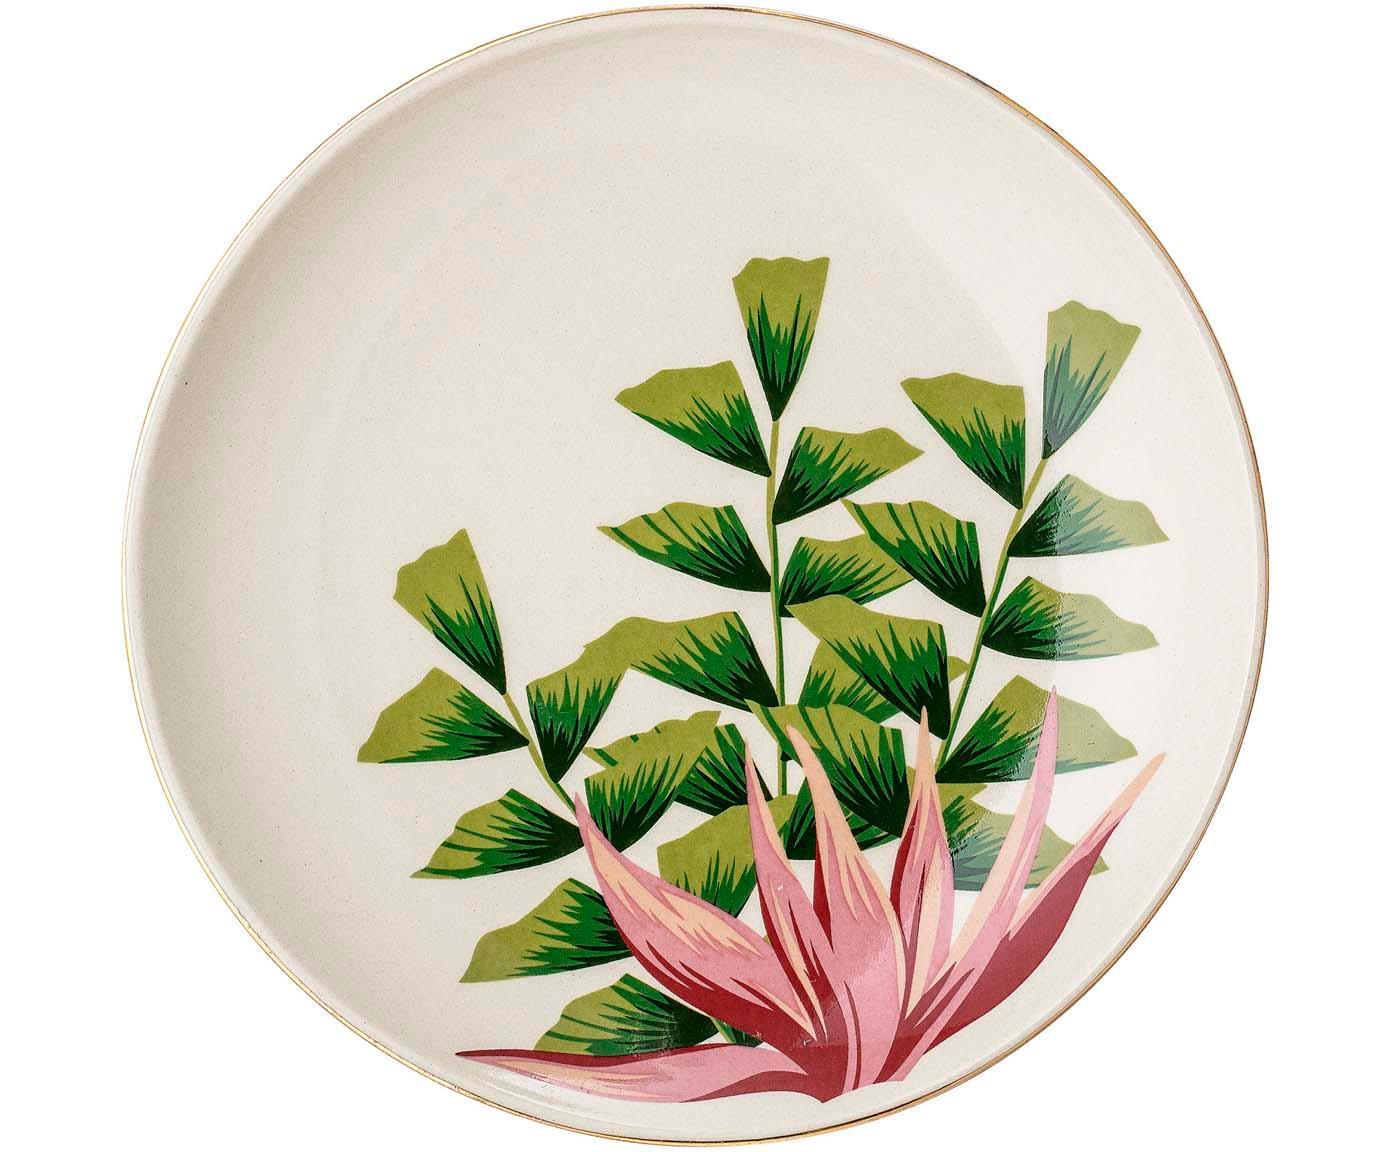 Piatto da colazione con bordo dorato Moana, Terracotta, Bianco, verde, rosa, Ø 16 cm